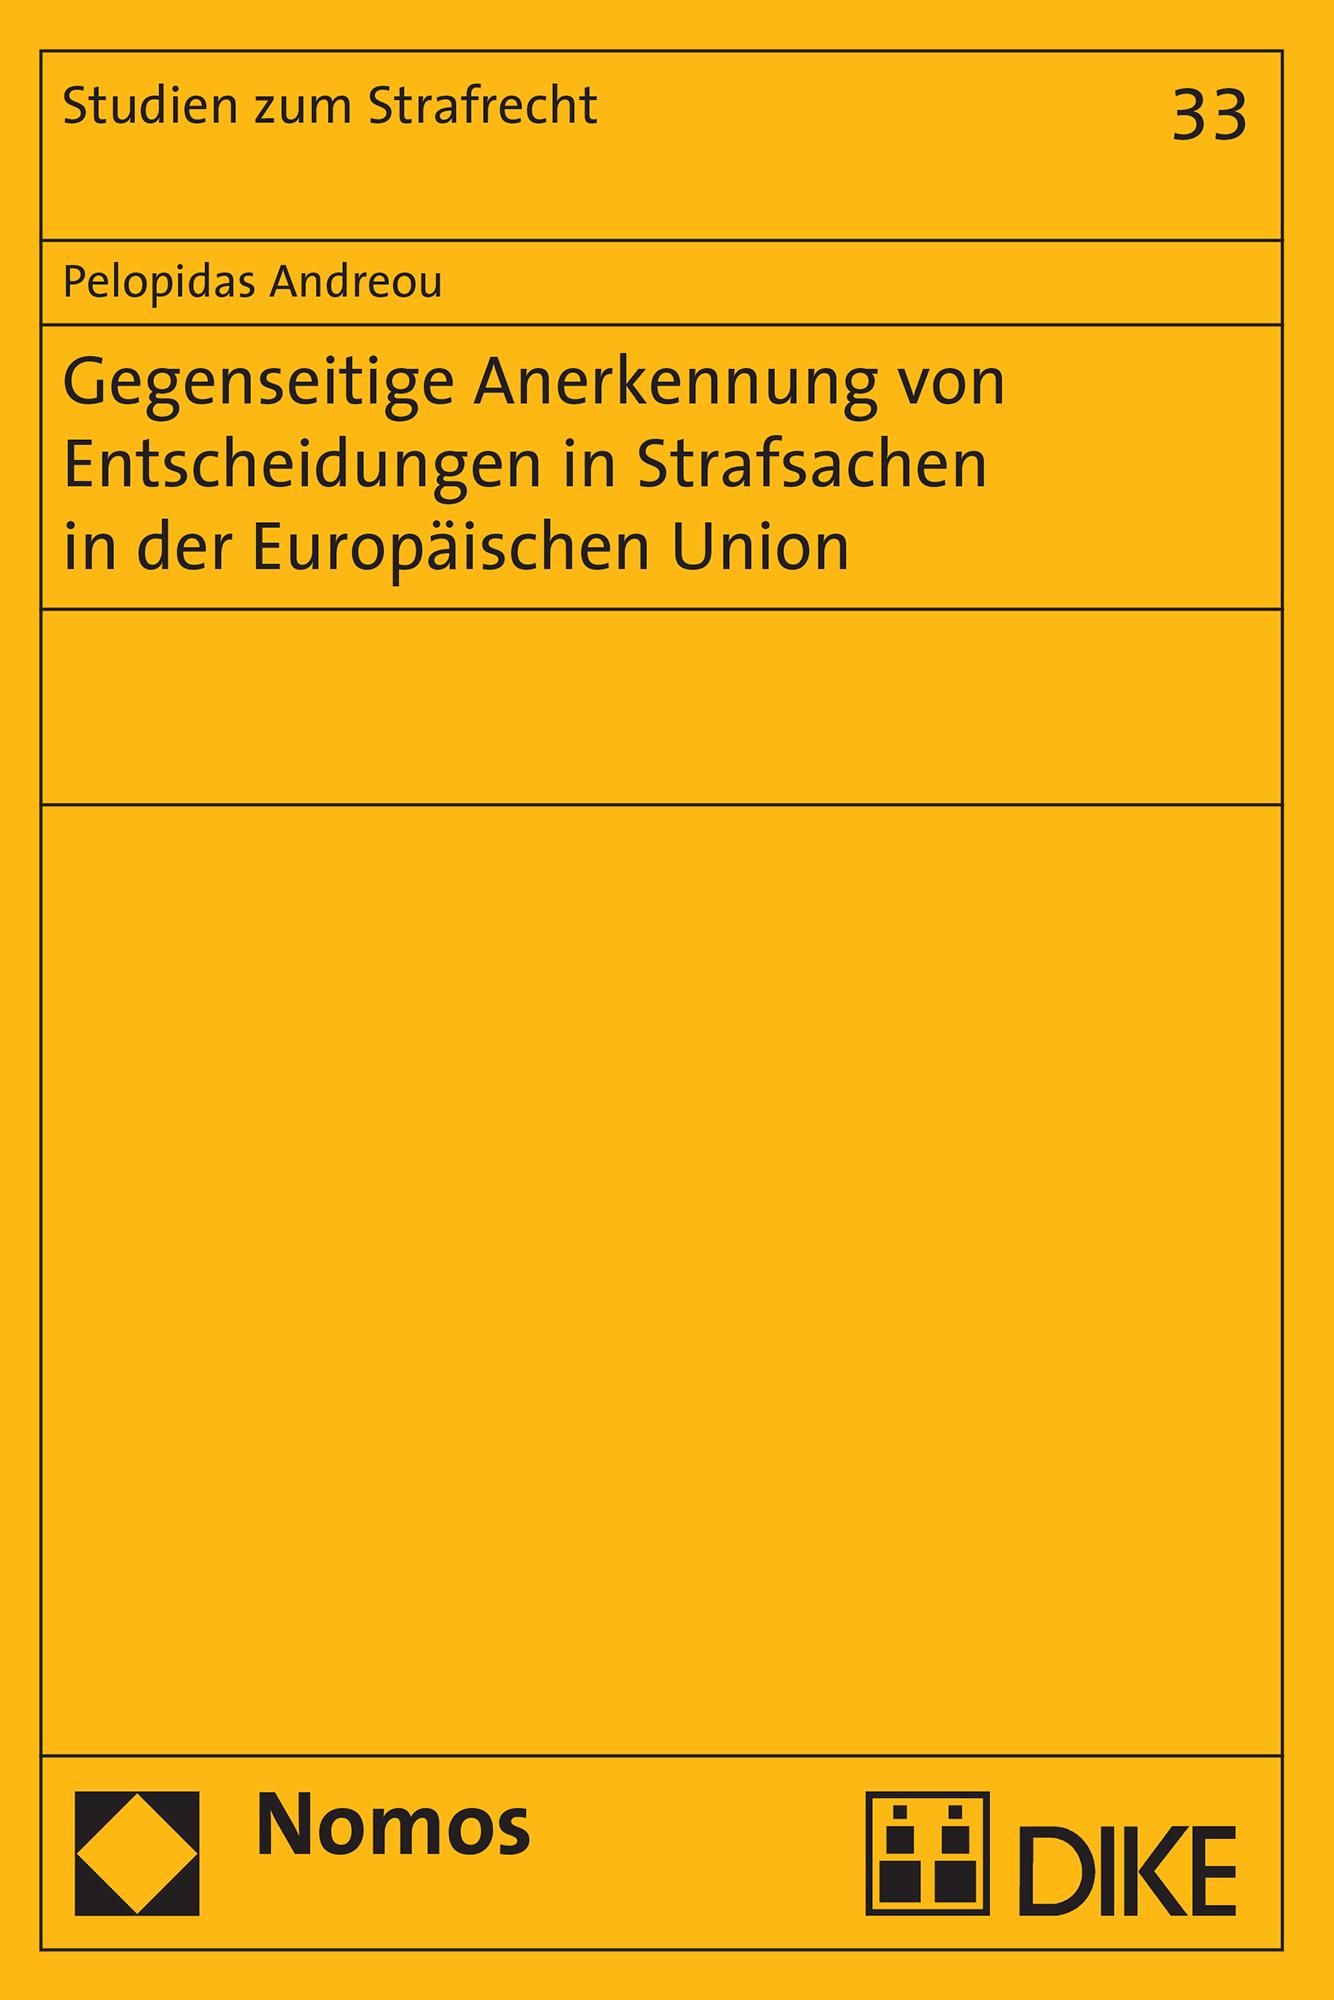 Gegenseitige Anerkennung von Entscheidungen in Strafsachen in der Europäischen Union